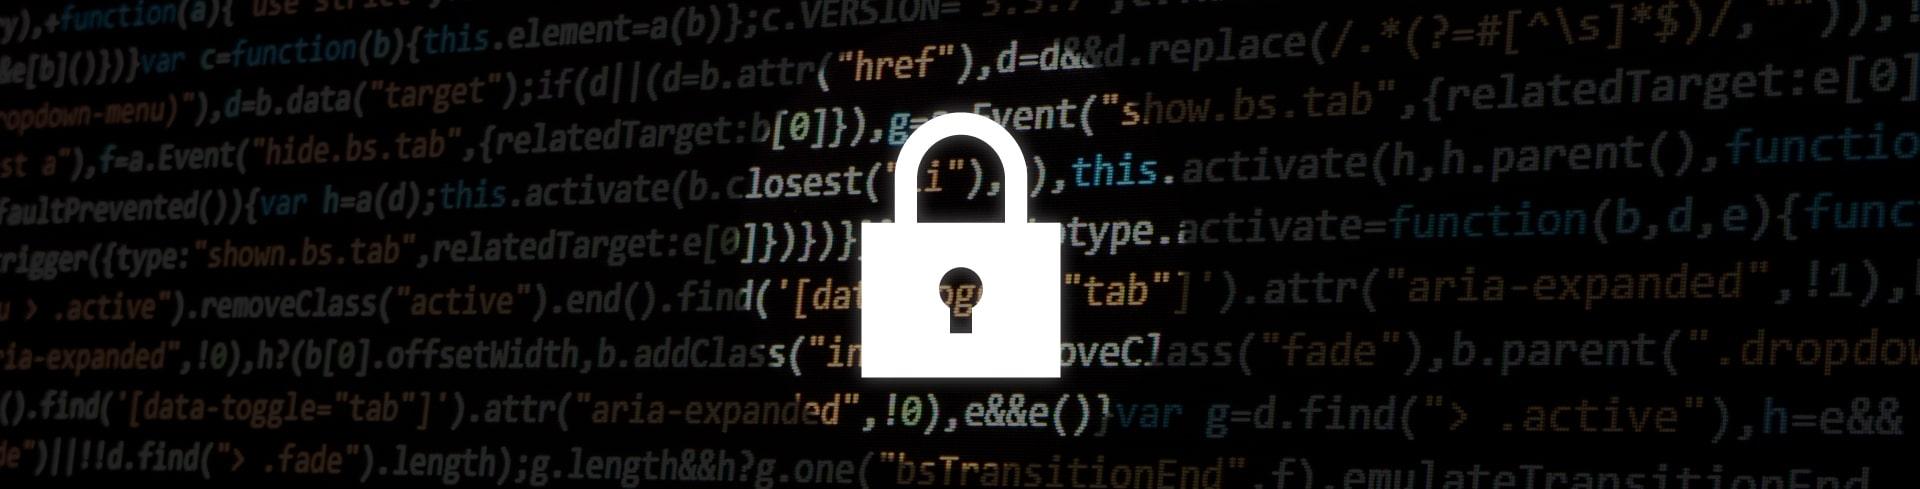 Sichere Deine Accounts mit starken Passwörtern